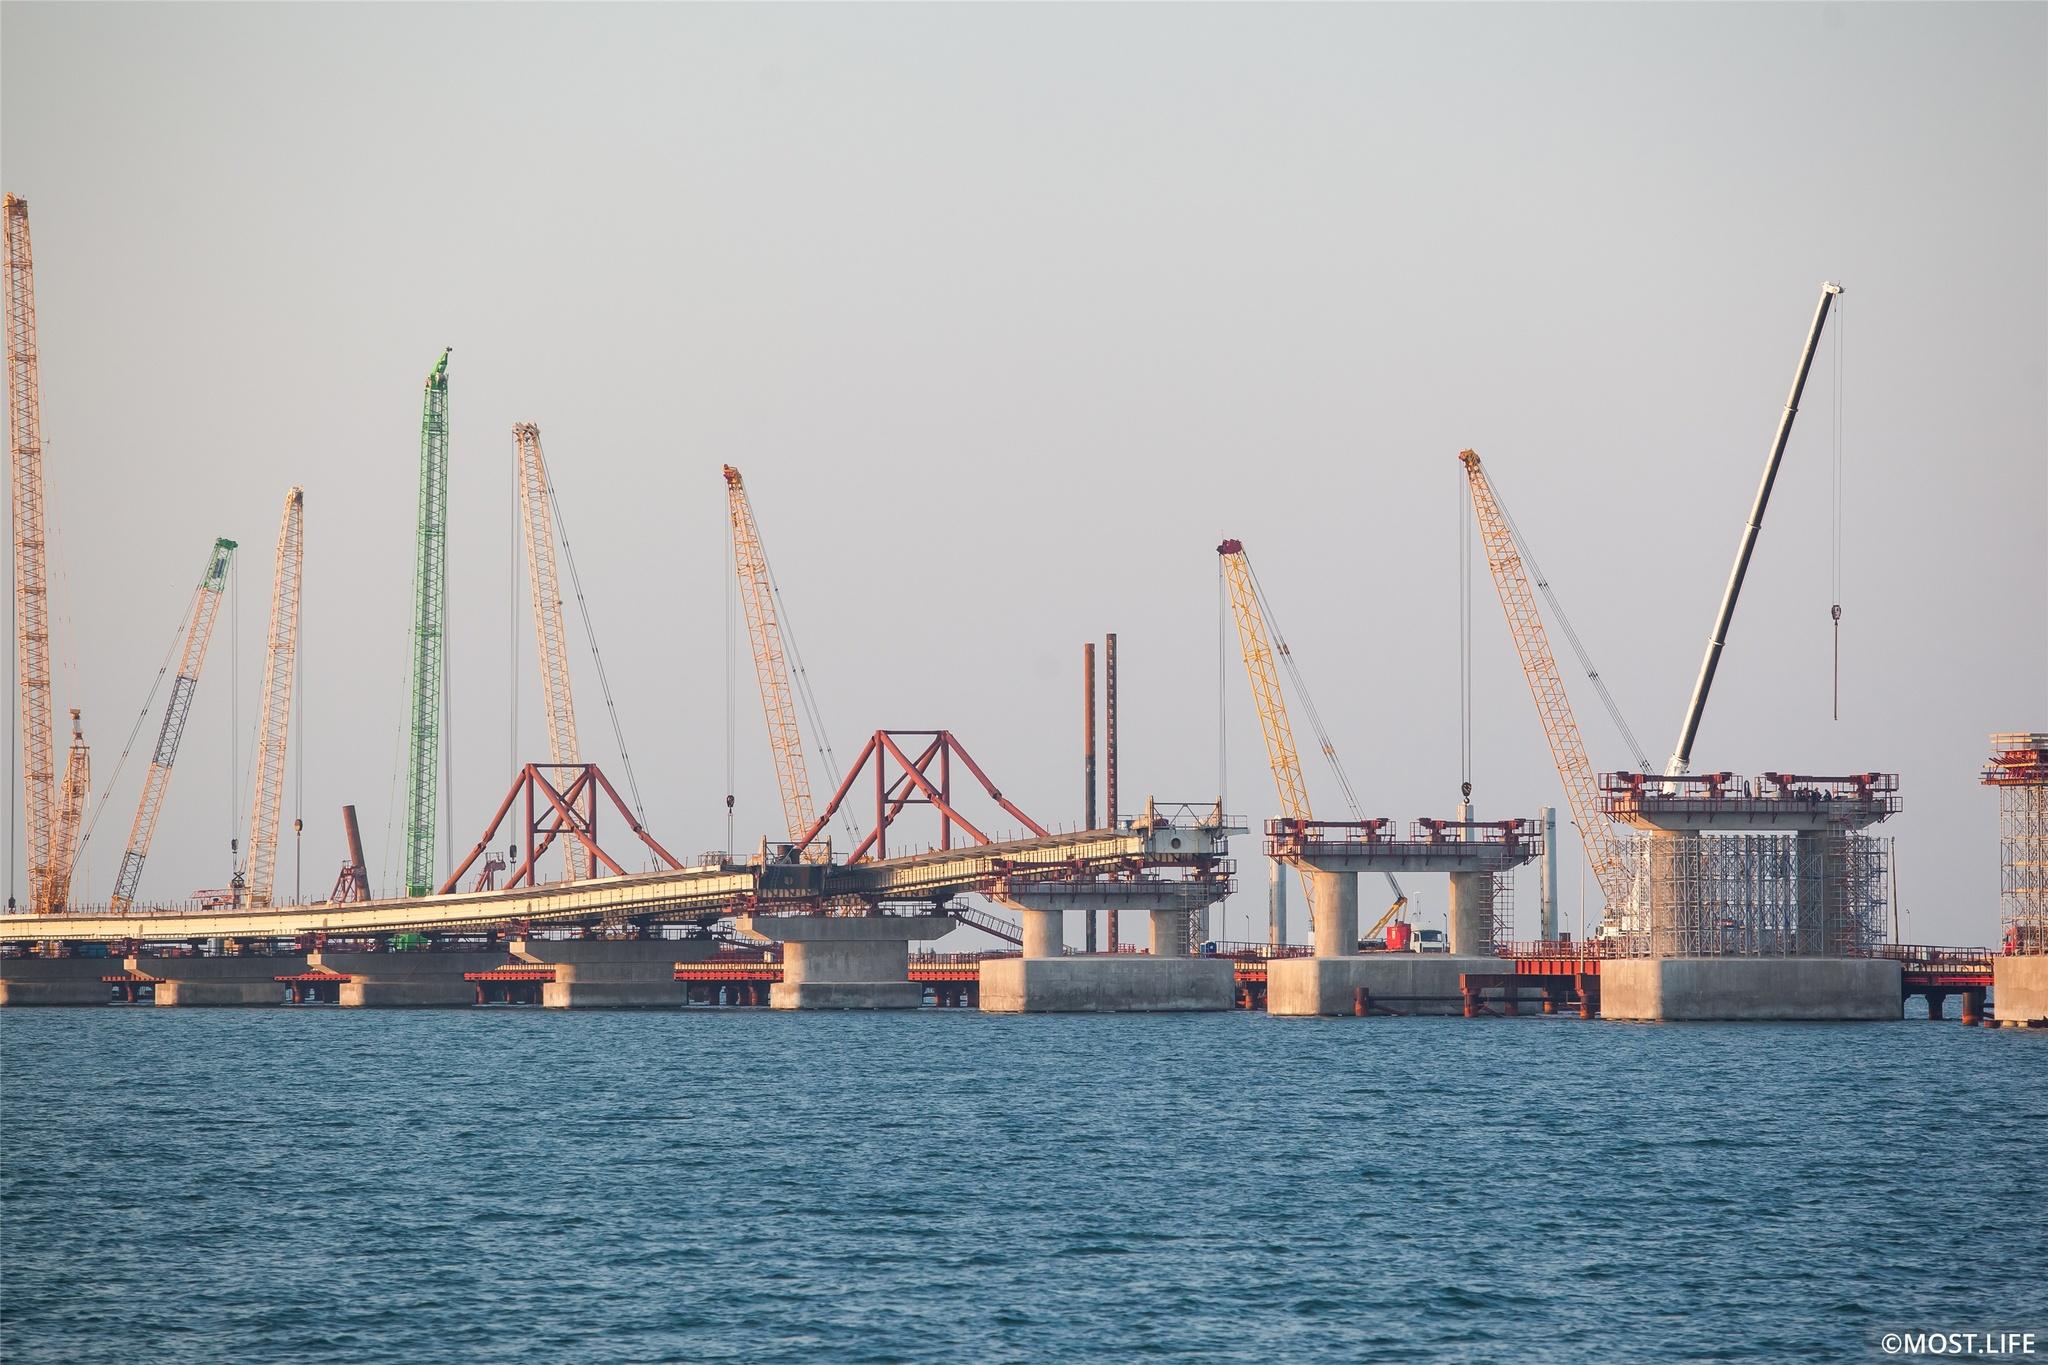 строительство моста в крым сегодня фото исполняла как